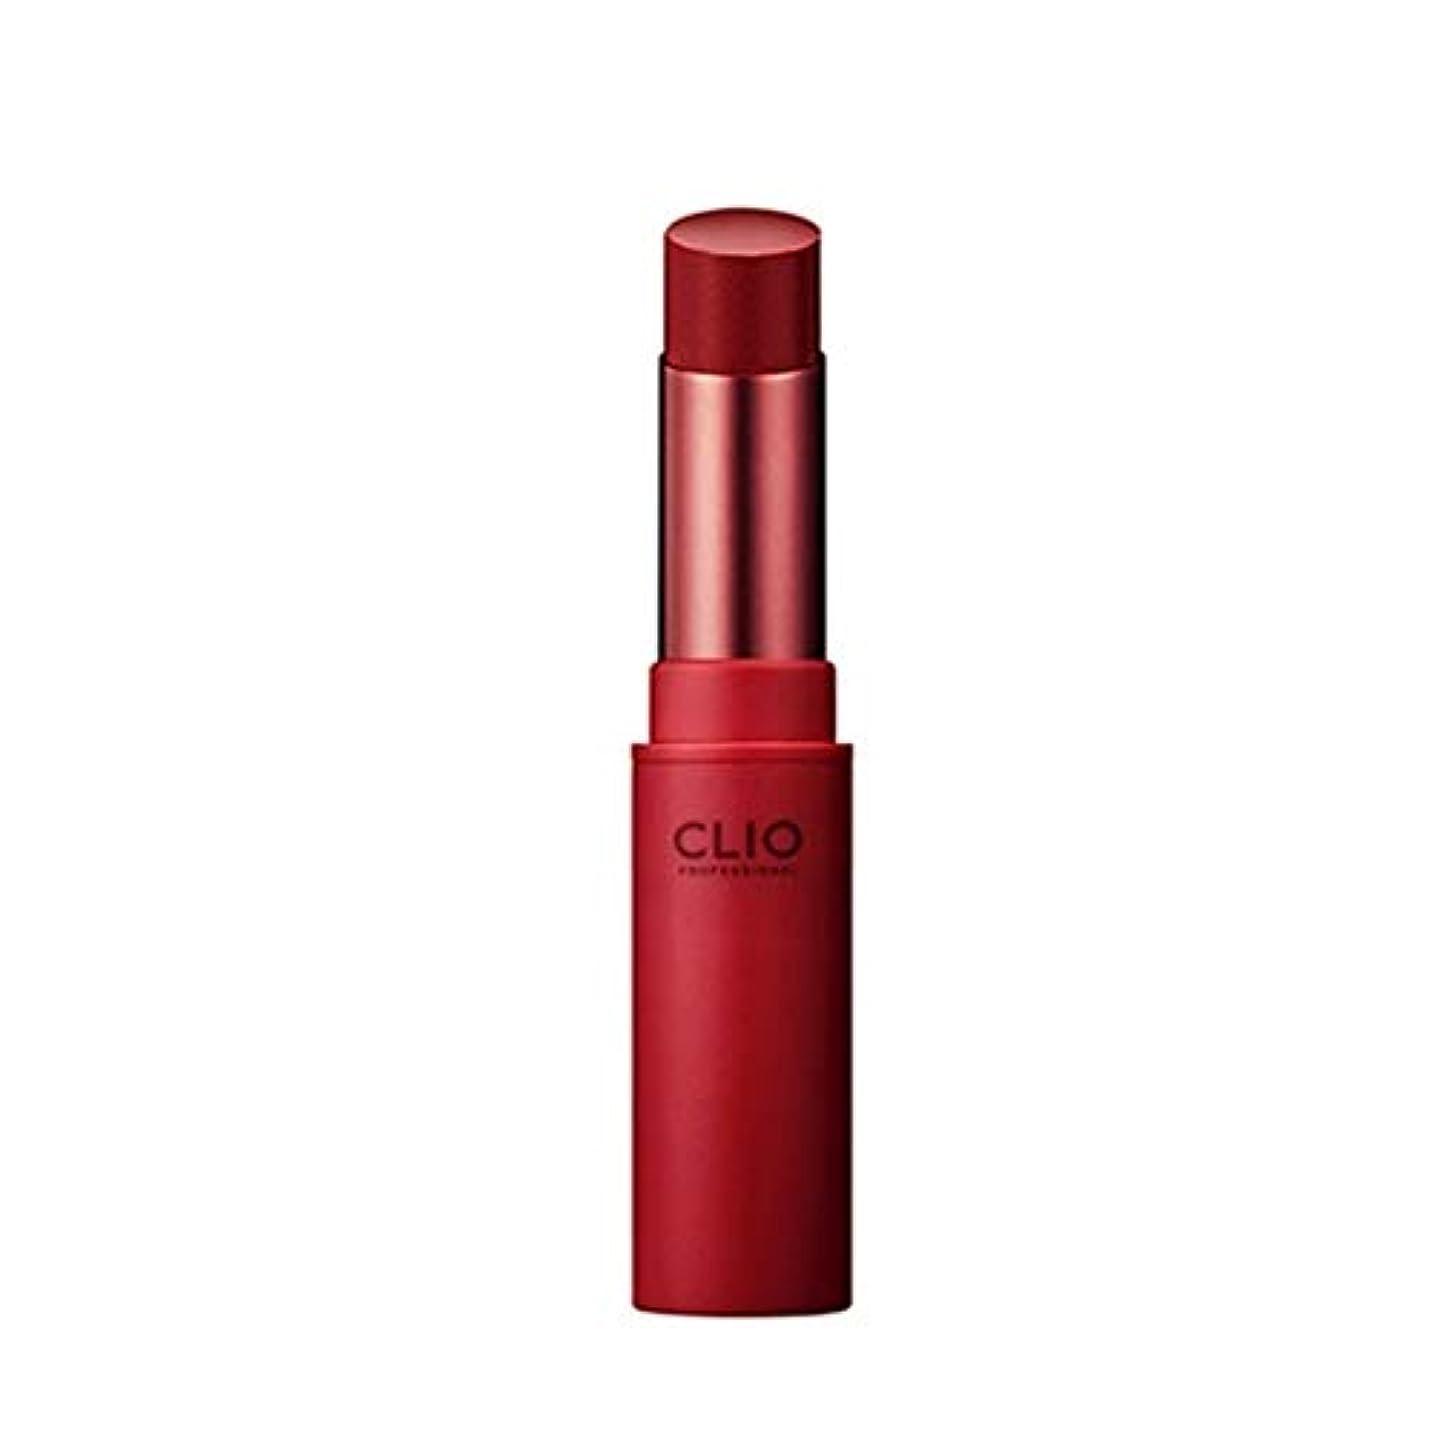 ジョージエリオット種非アクティブクリオマッドマットリップADリップスティック韓国コスメ、Clio Mad Matte Lips AD Lipstick Korean Cosmetics [並行輸入品] (18. deep cranberry)